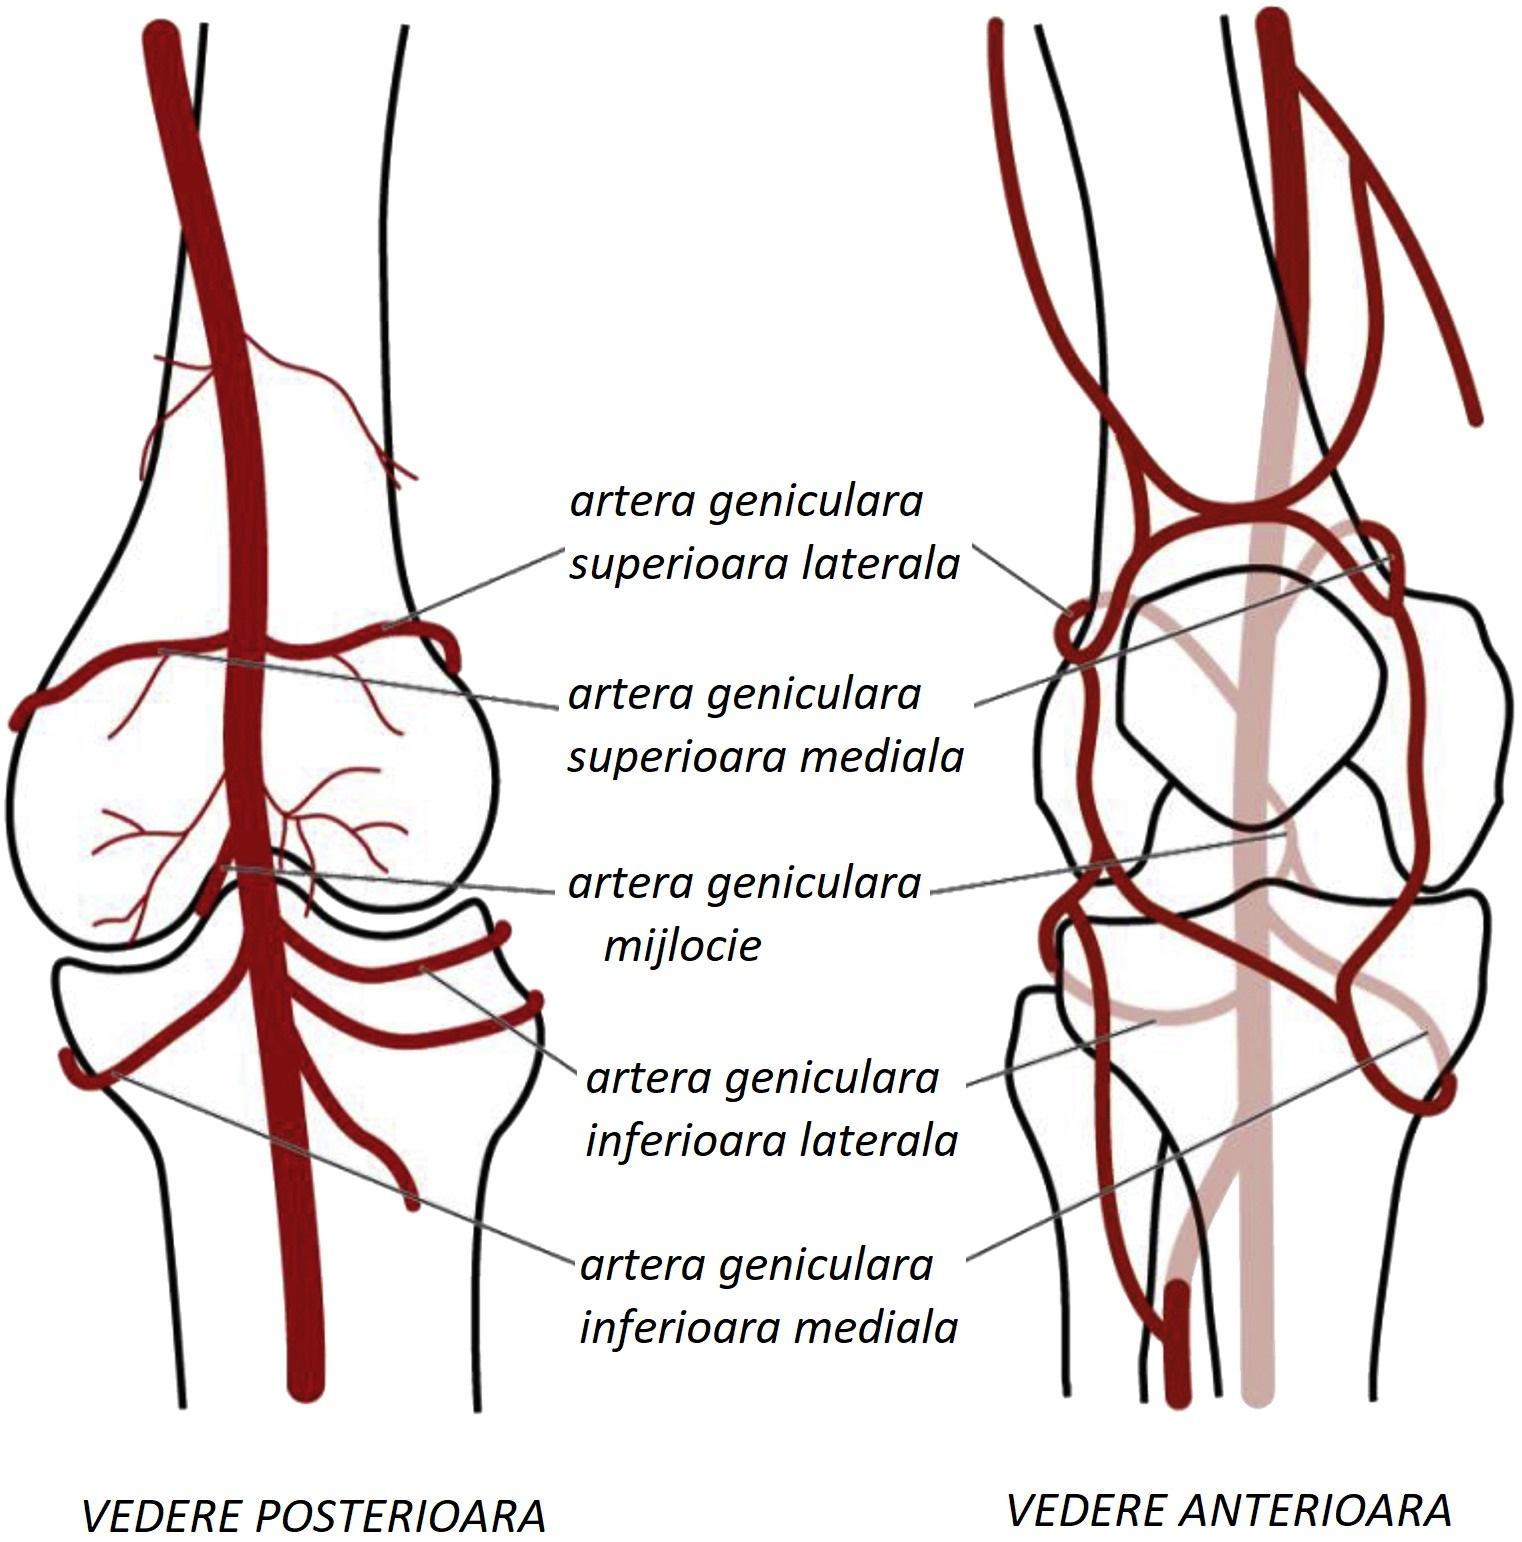 Artroza patelofemorală a genunchiului 2 grade